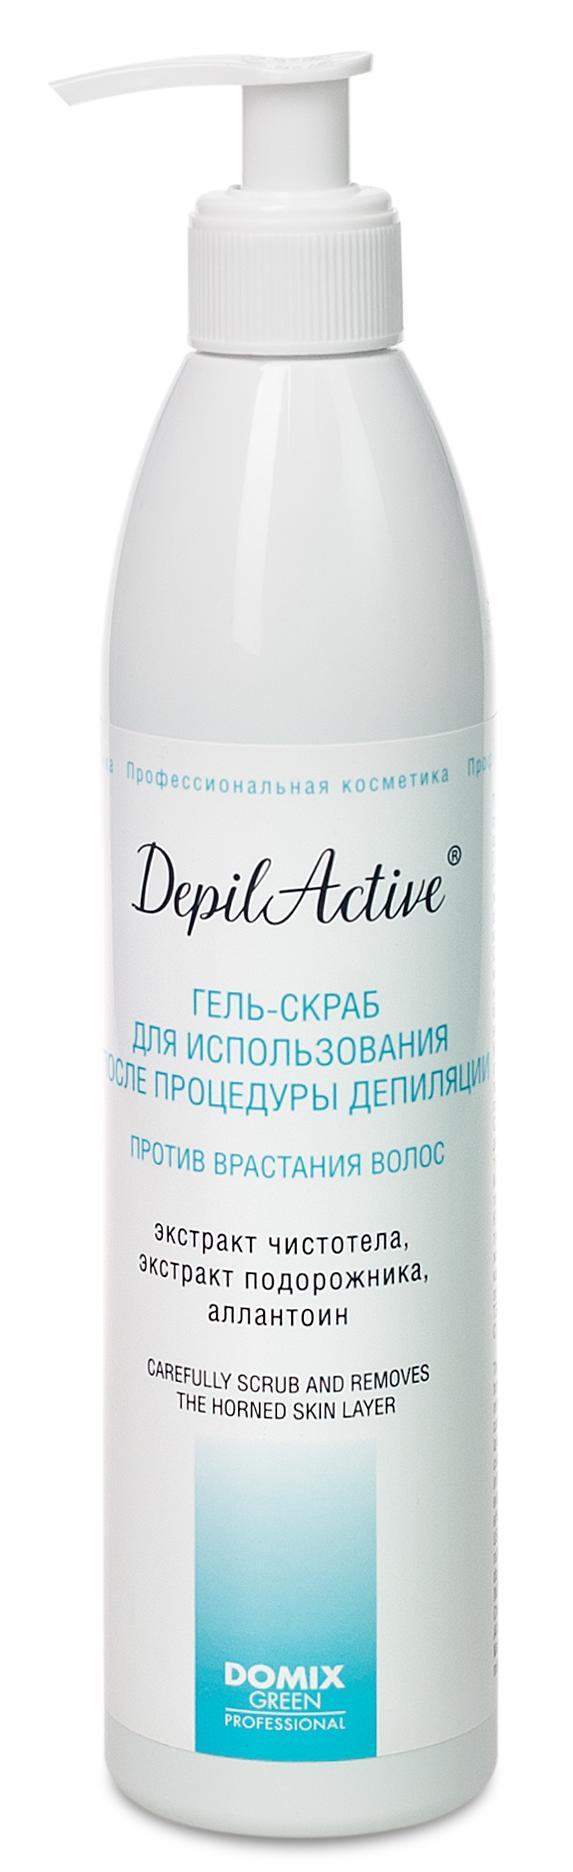 DOMIX Гель-скраб для использования после процедуры депиляции / Depil Active 310 мл